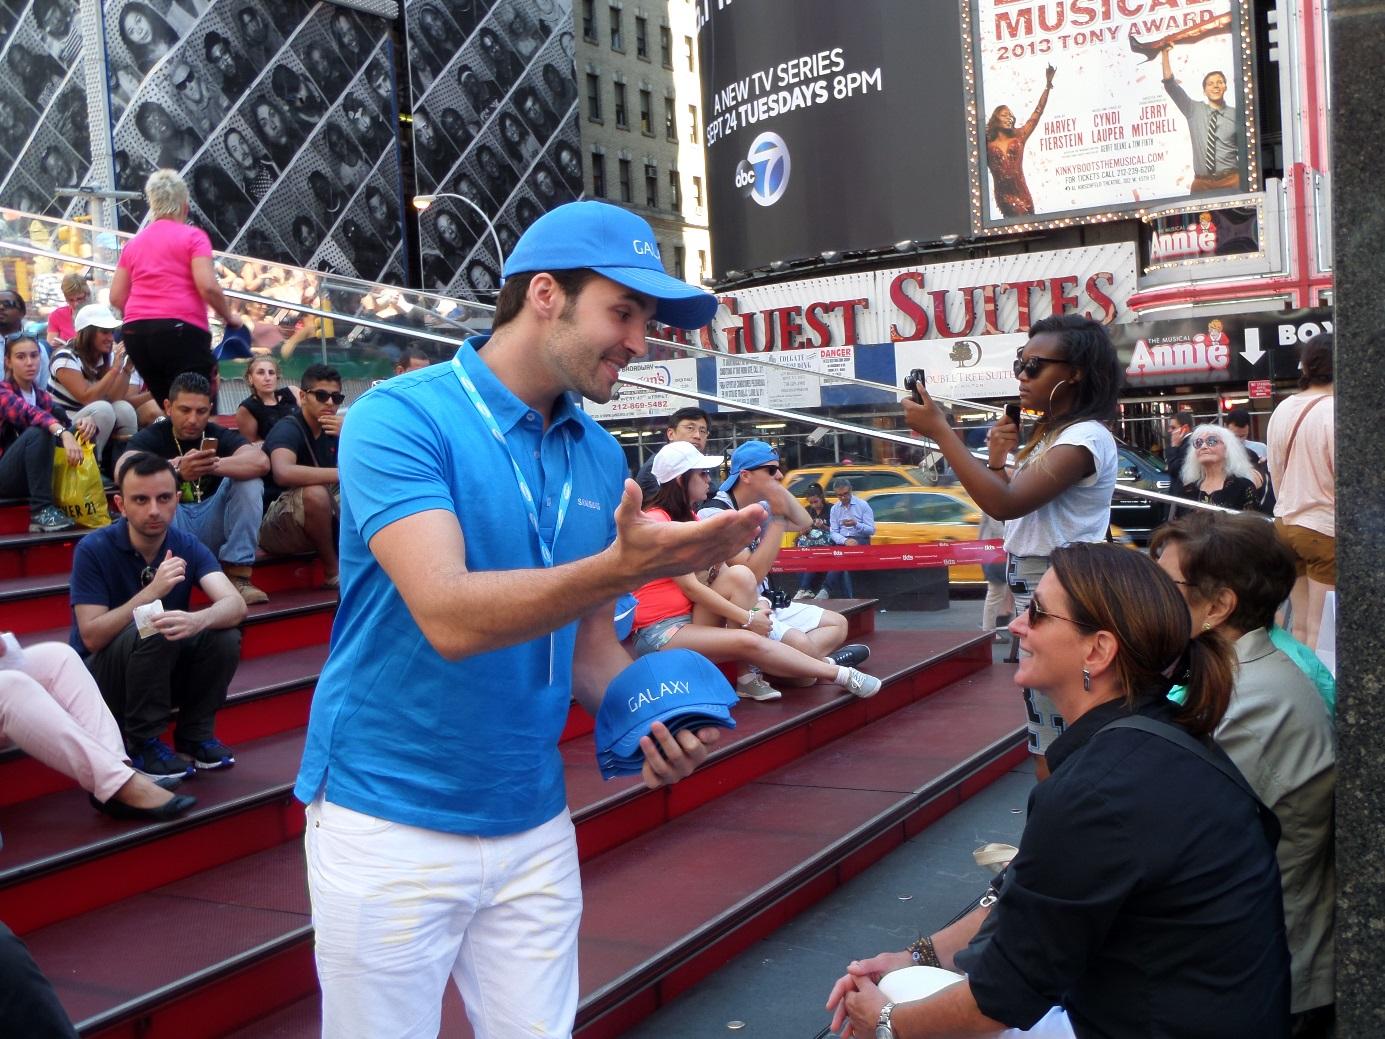 삼성 언팩 뉴욕 생중계 현장에서 진행요원이 모자를 나눠누고 있습니다.